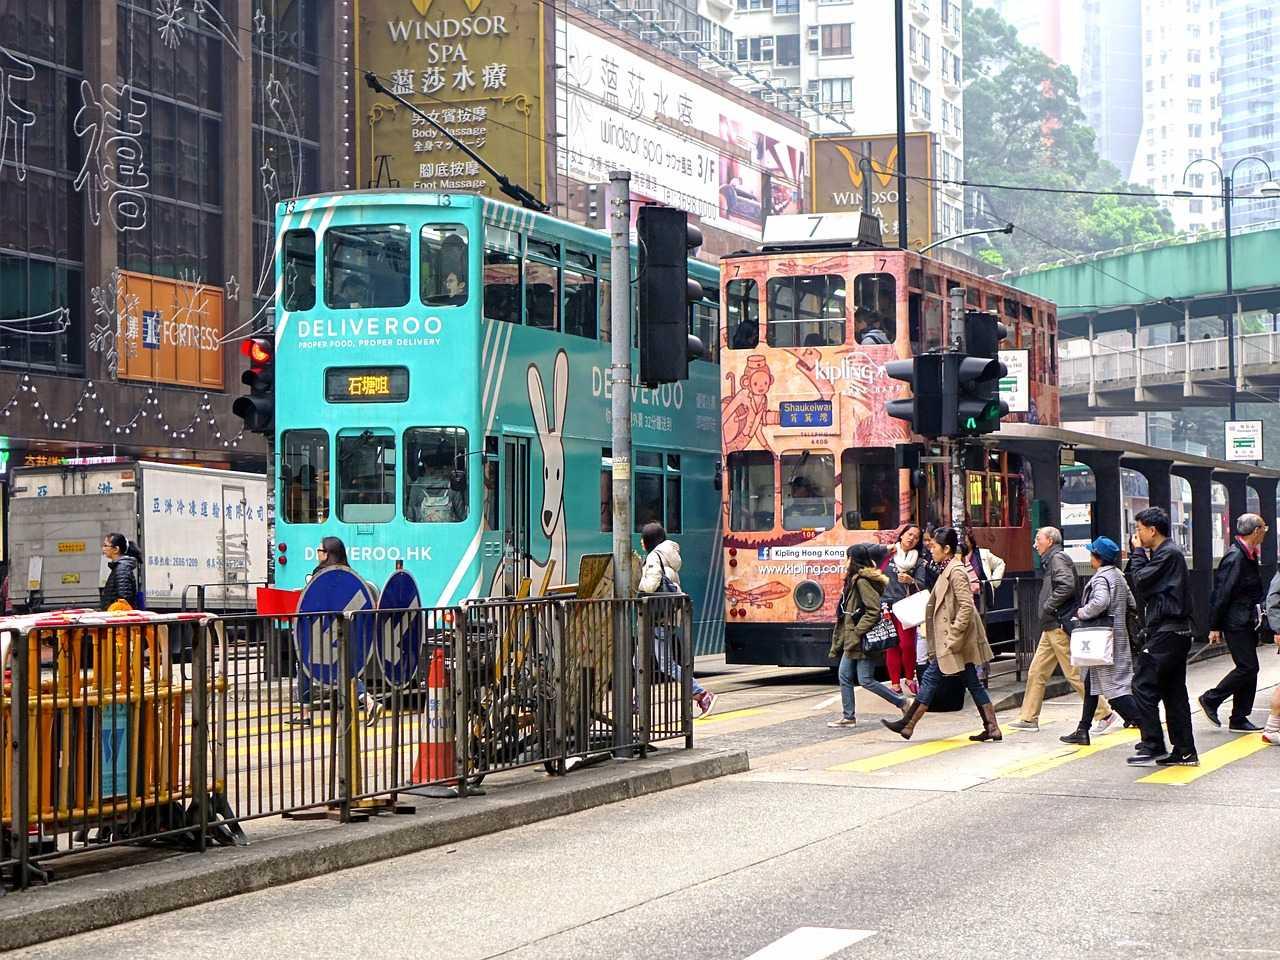 第3自卑的是「香港」 →完全滿意3%+很滿意35% →完全不滿意1%+不滿意15%